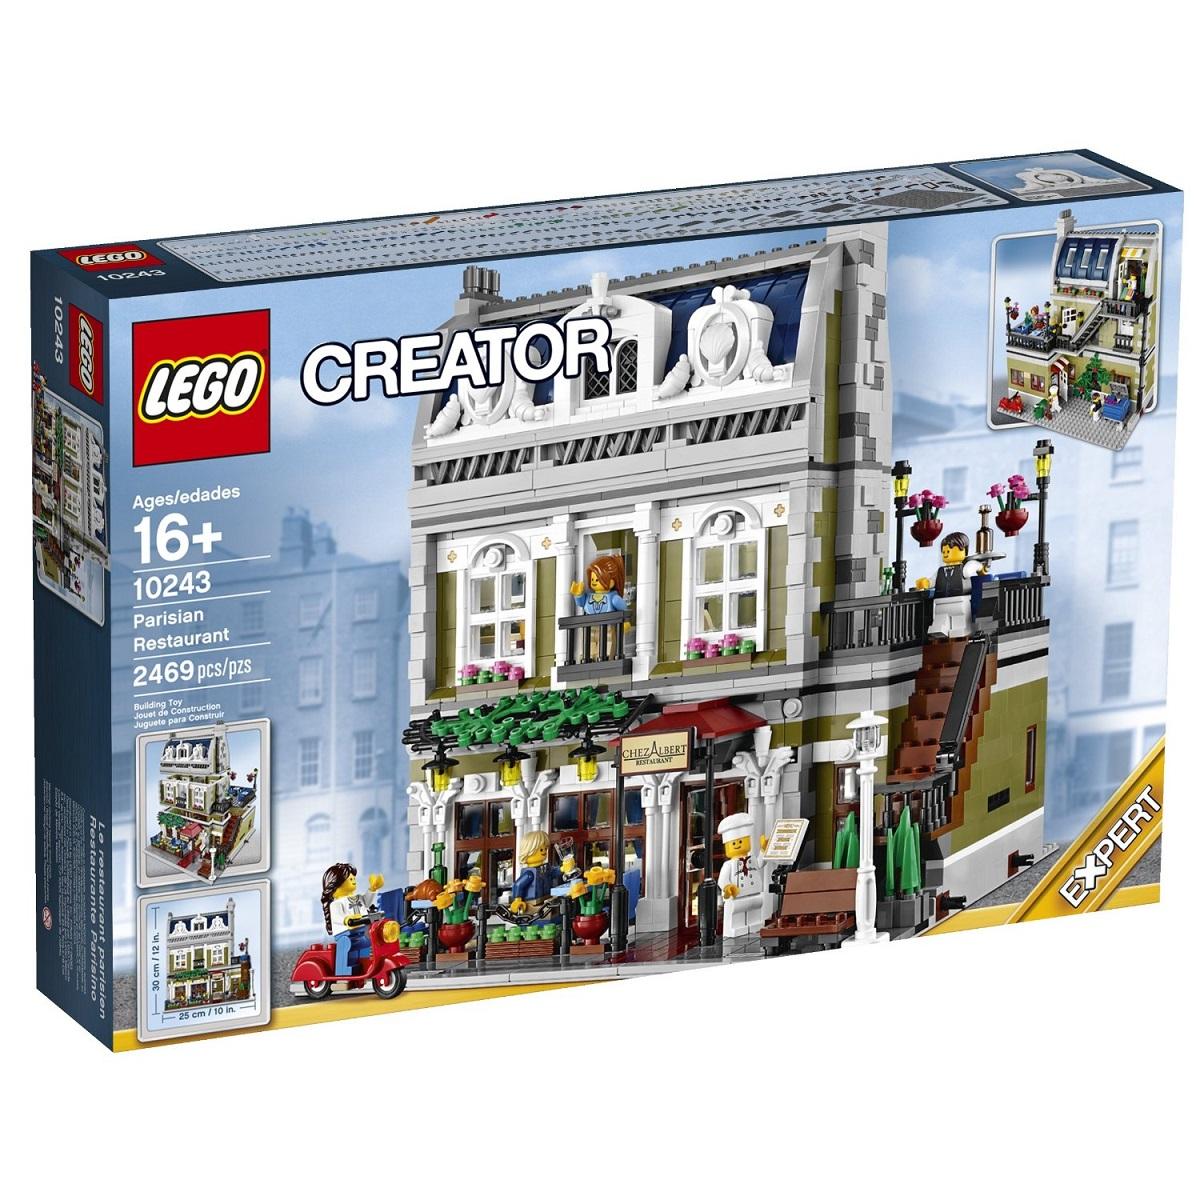 送料無料 新品●LEGO 10243 Creator Parisian Restaurant レゴ クリエイター ●